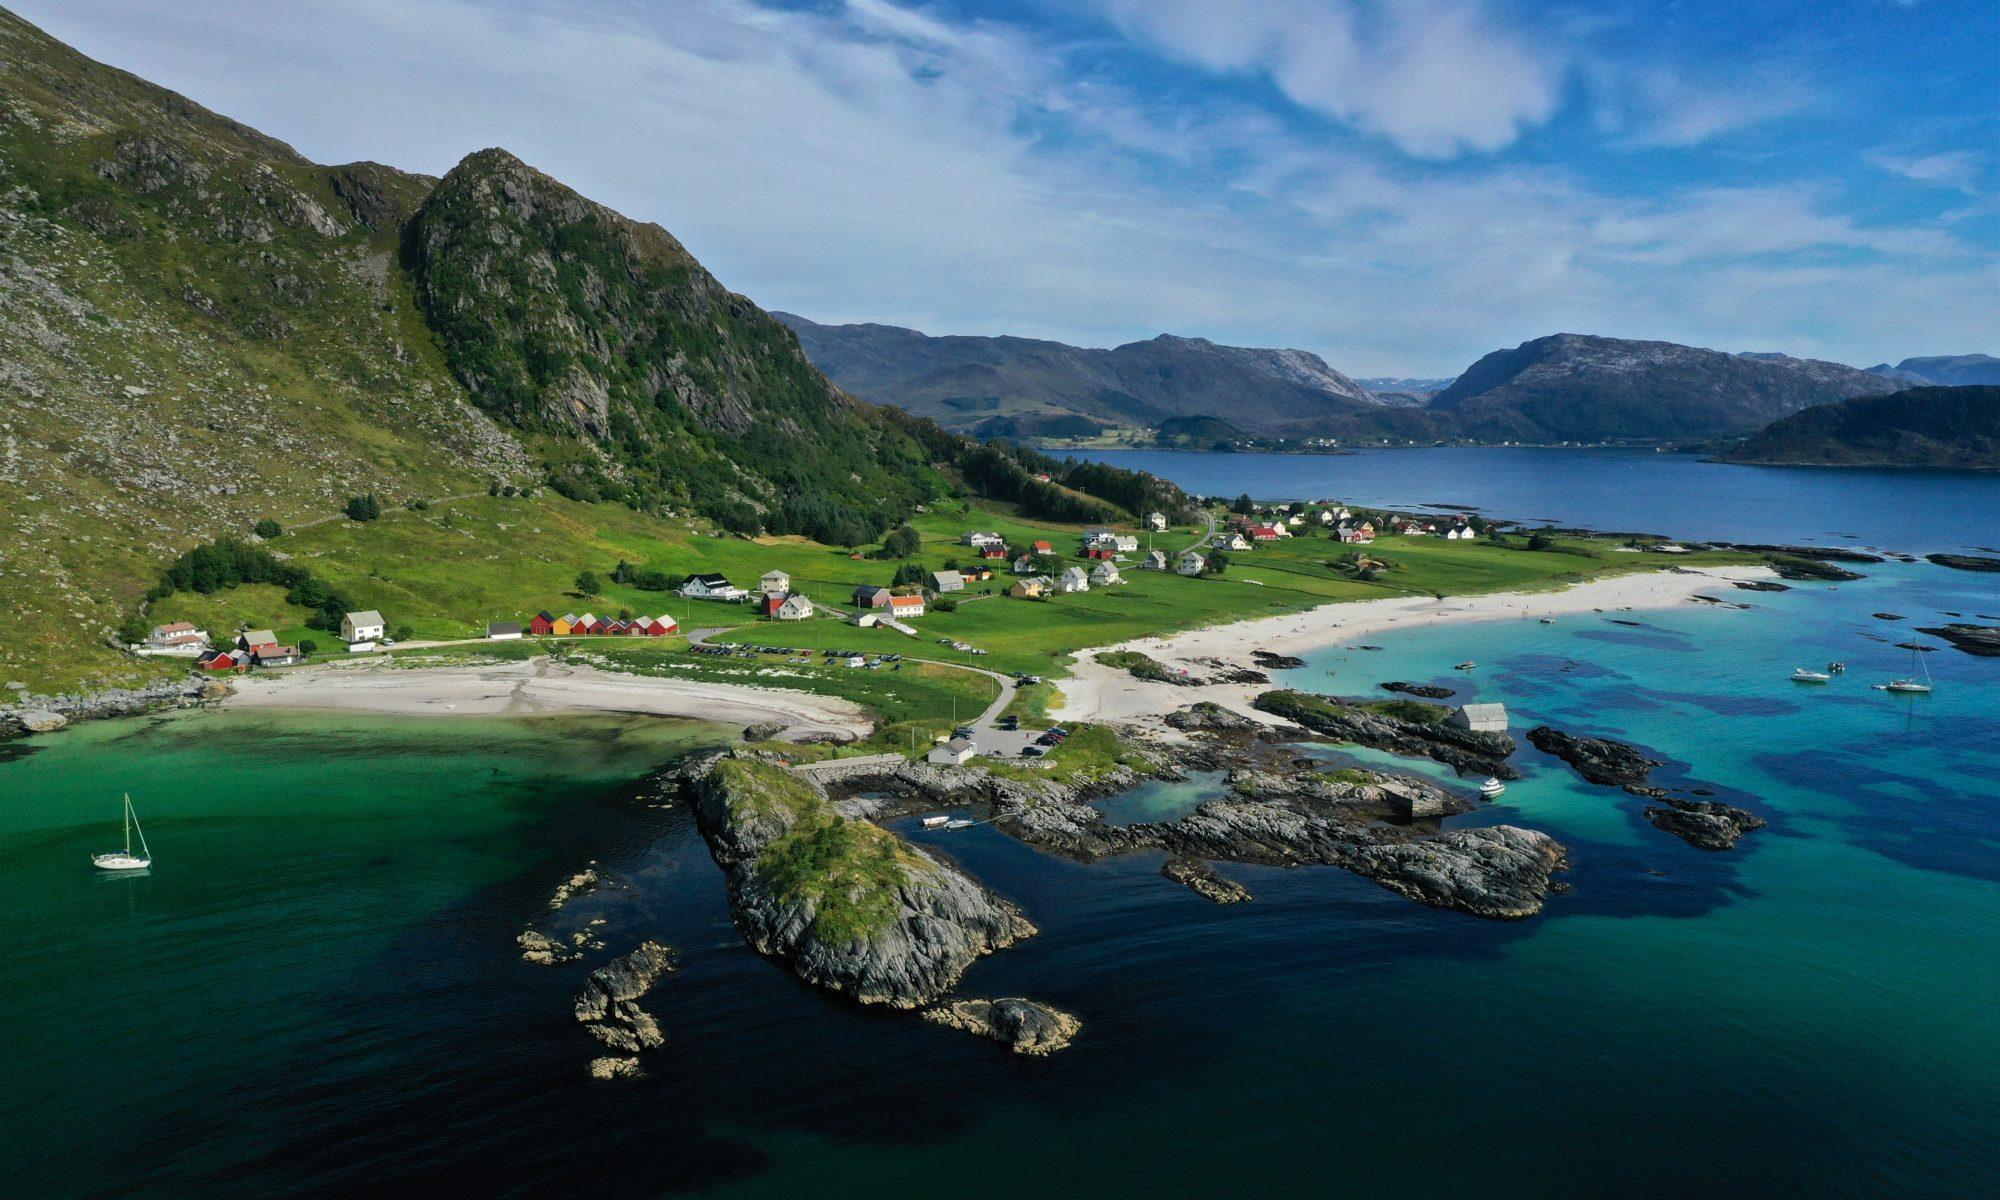 FJORDS NORWAY - Grotlesanden Beach at Bremangerlandet in Nordfjord, Norway